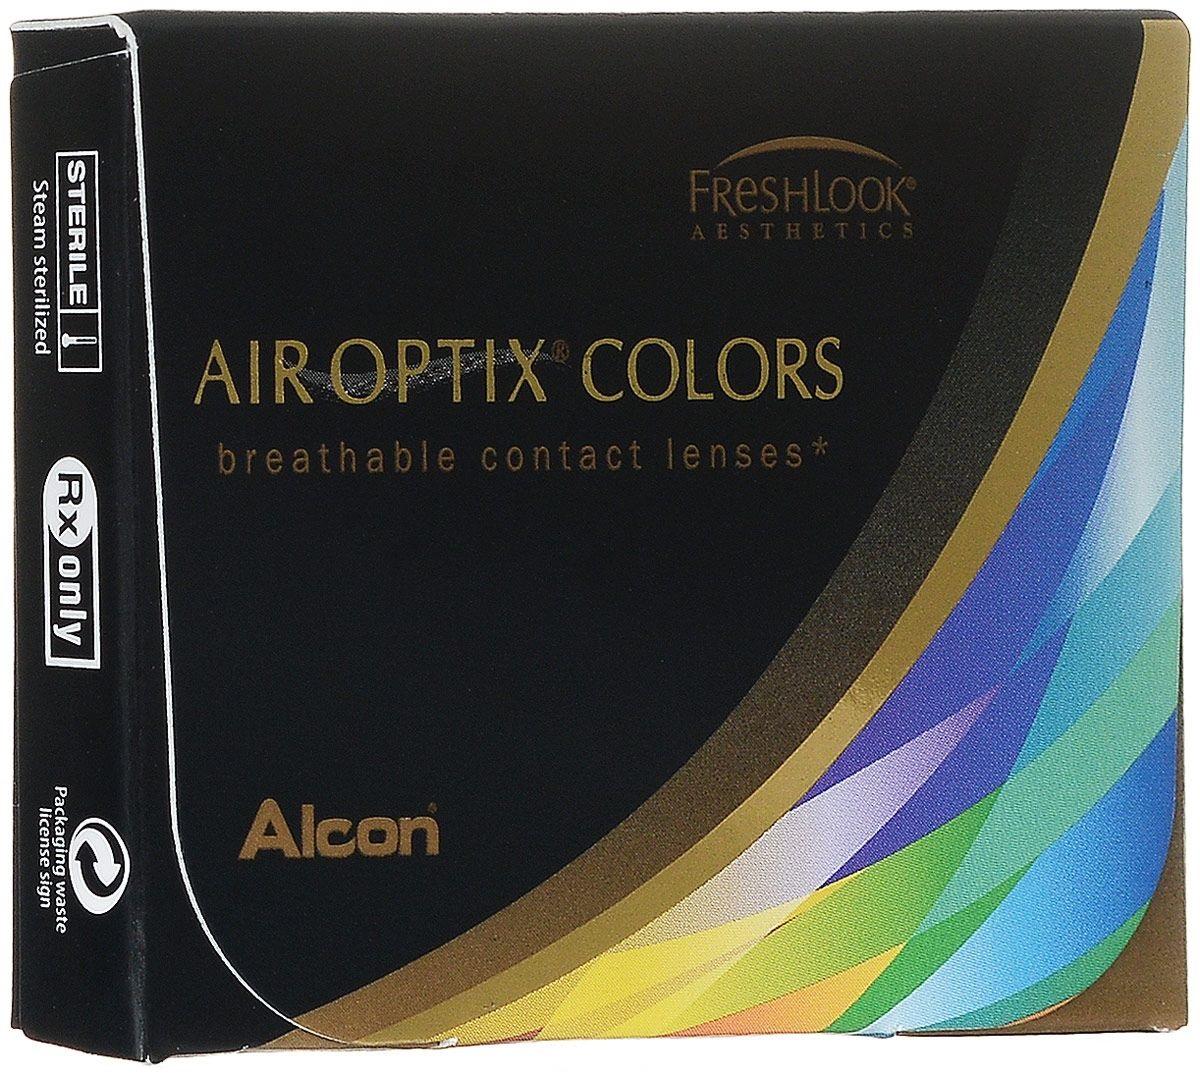 Аlcon контактные линзы Air Optix Colors 2 шт -3.00 Gemstone Green100012428Мягкие контактные линзыУважаемые клиенты! Обращаем ваше внимание на возможные изменения в дизайне упаковки. Качественные характеристики товара остаются неизменными. Поставка осуществляется в зависимости от наличия на складе.Контактные линзы или очки: советы офтальмологов. Статья OZON Гид